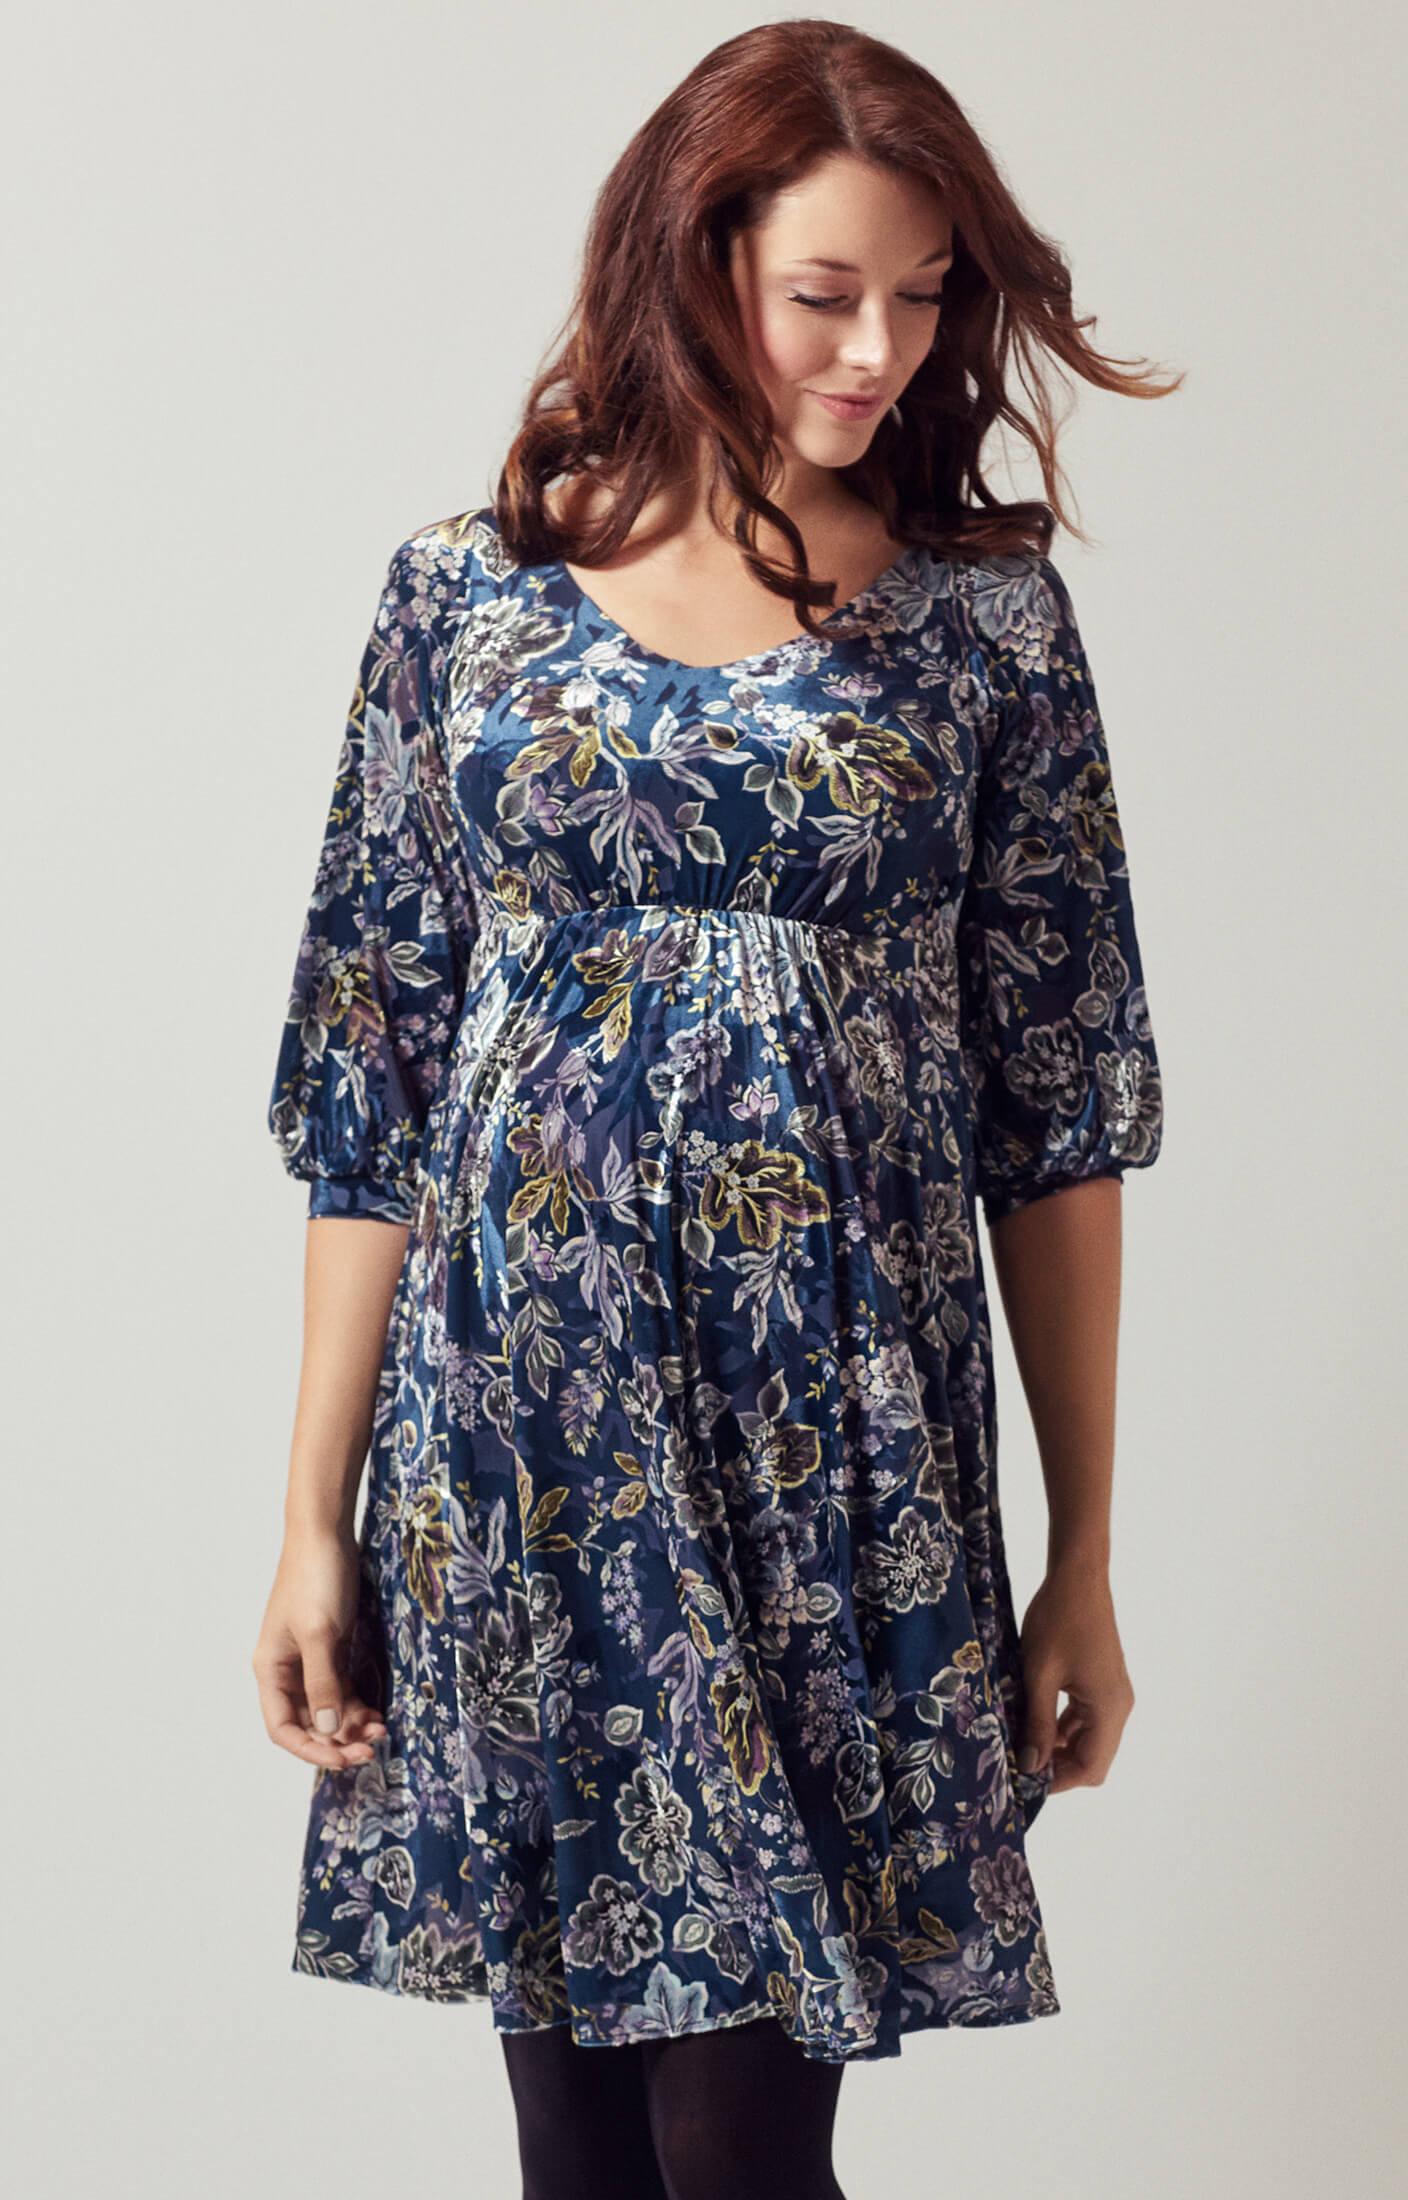 Umstandskleider von dem britischen Umstandsmoden-Designer Tiffany Rose